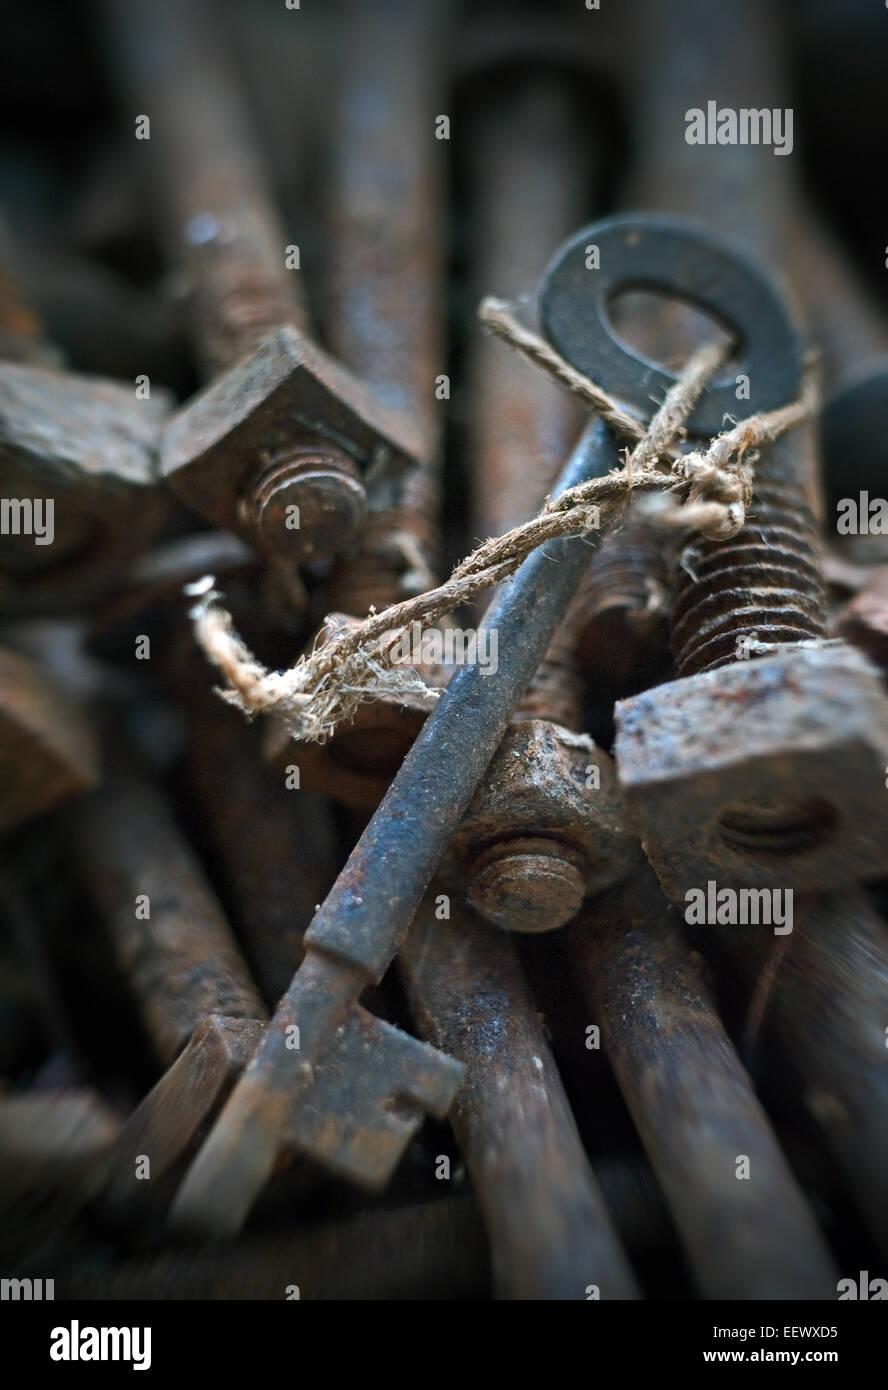 alte Schlüssel versteckt in rostigen Schrauben Stockbild